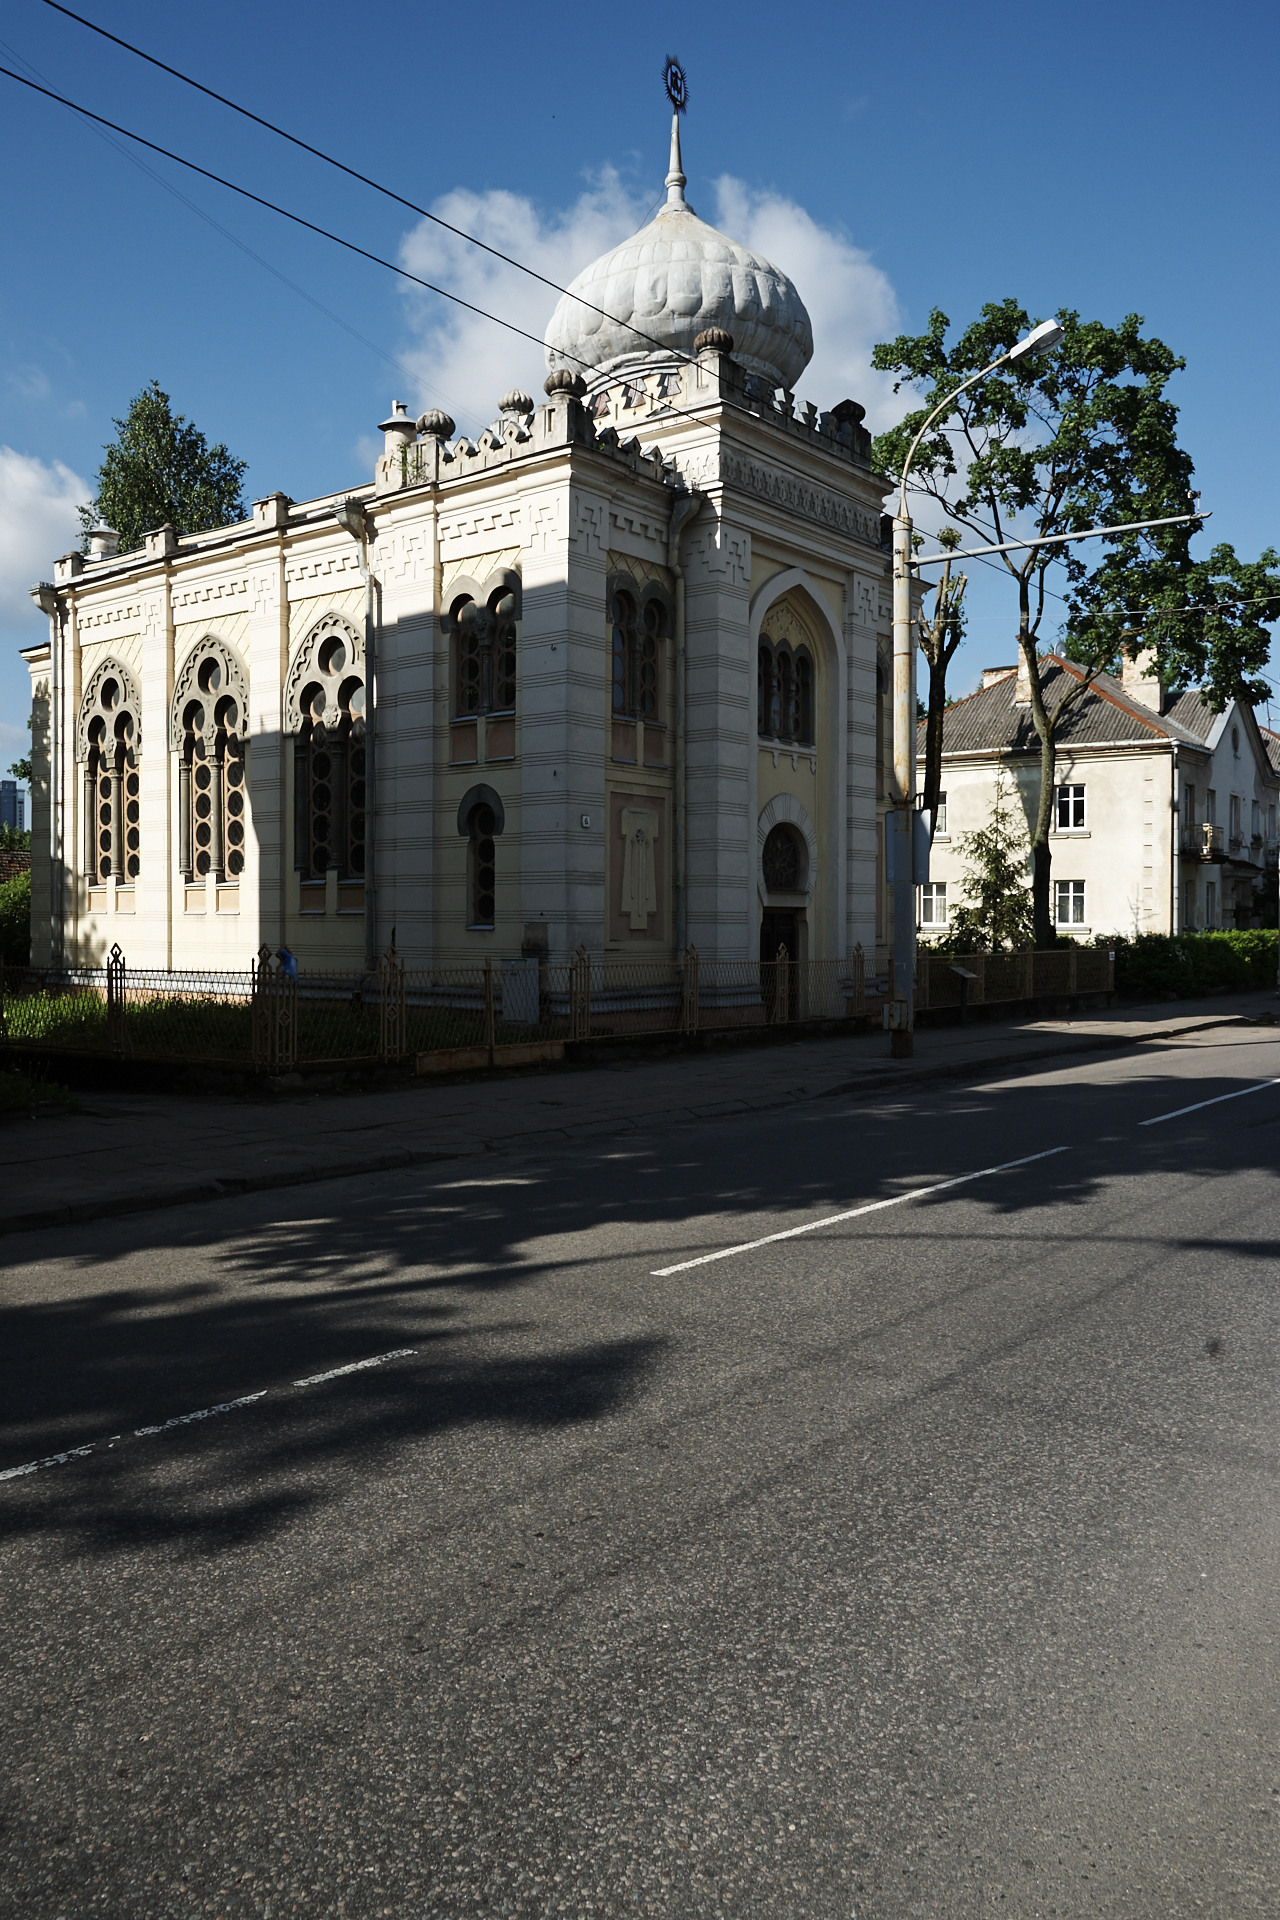 Bild: Die Kenesa der Karäer von Vilnius im Stadteil Žvėrynas. NIKON D700 mit AF-S NIKKOR 24-120 mm 1:4G ED VR.